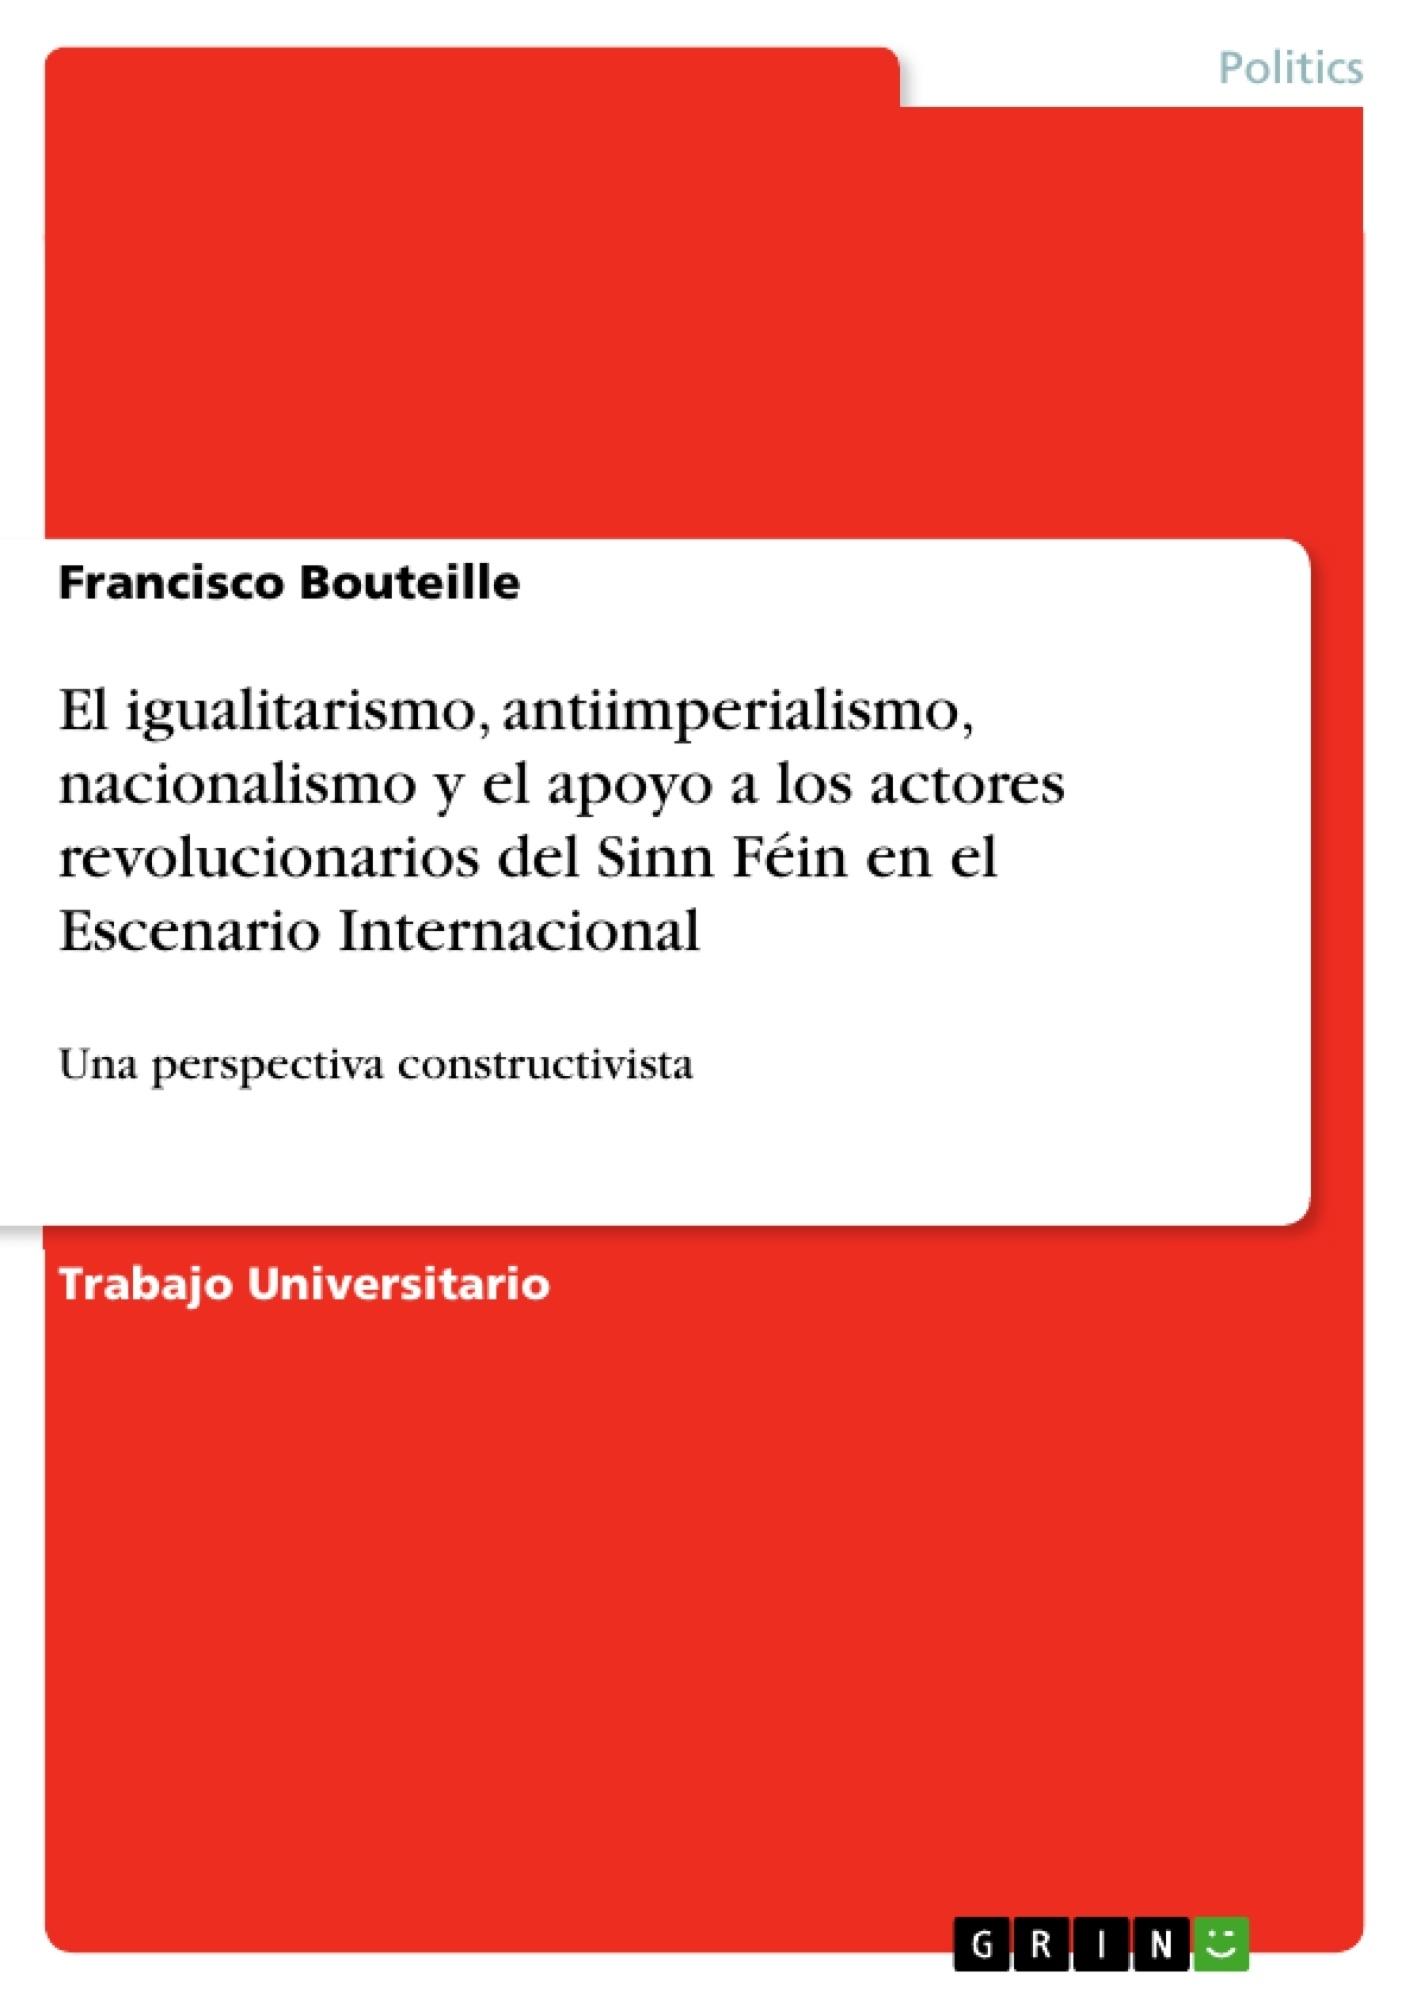 Título: El igualitarismo, antiimperialismo, nacionalismo y el apoyo a los actores revolucionarios del Sinn Féin en el Escenario Internacional